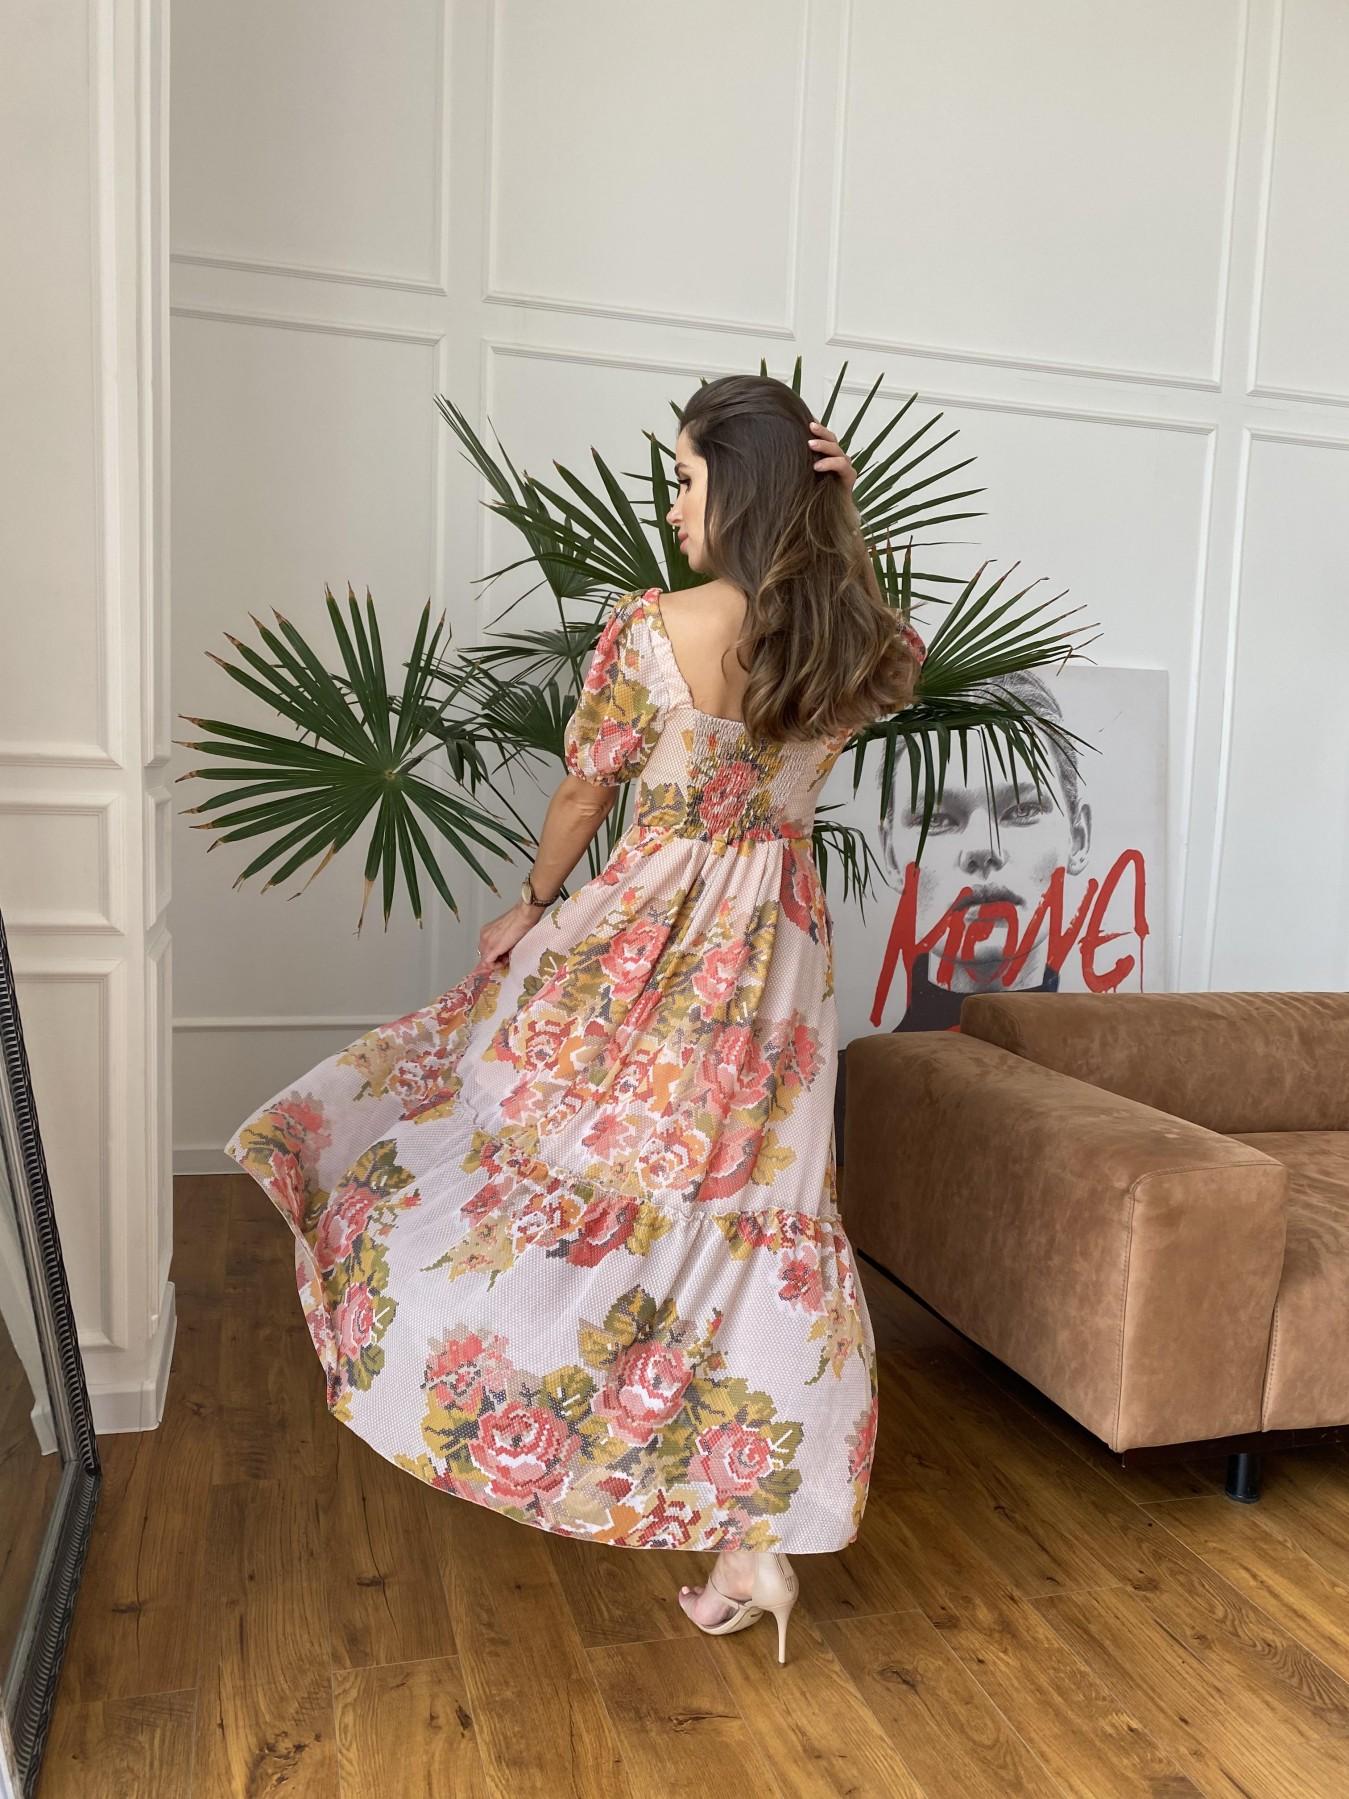 Лоретта платье из шифона в принт 11468 АРТ. 48252 Цвет: Беж.Св/Беж вышивка - фото 3, интернет магазин tm-modus.ru